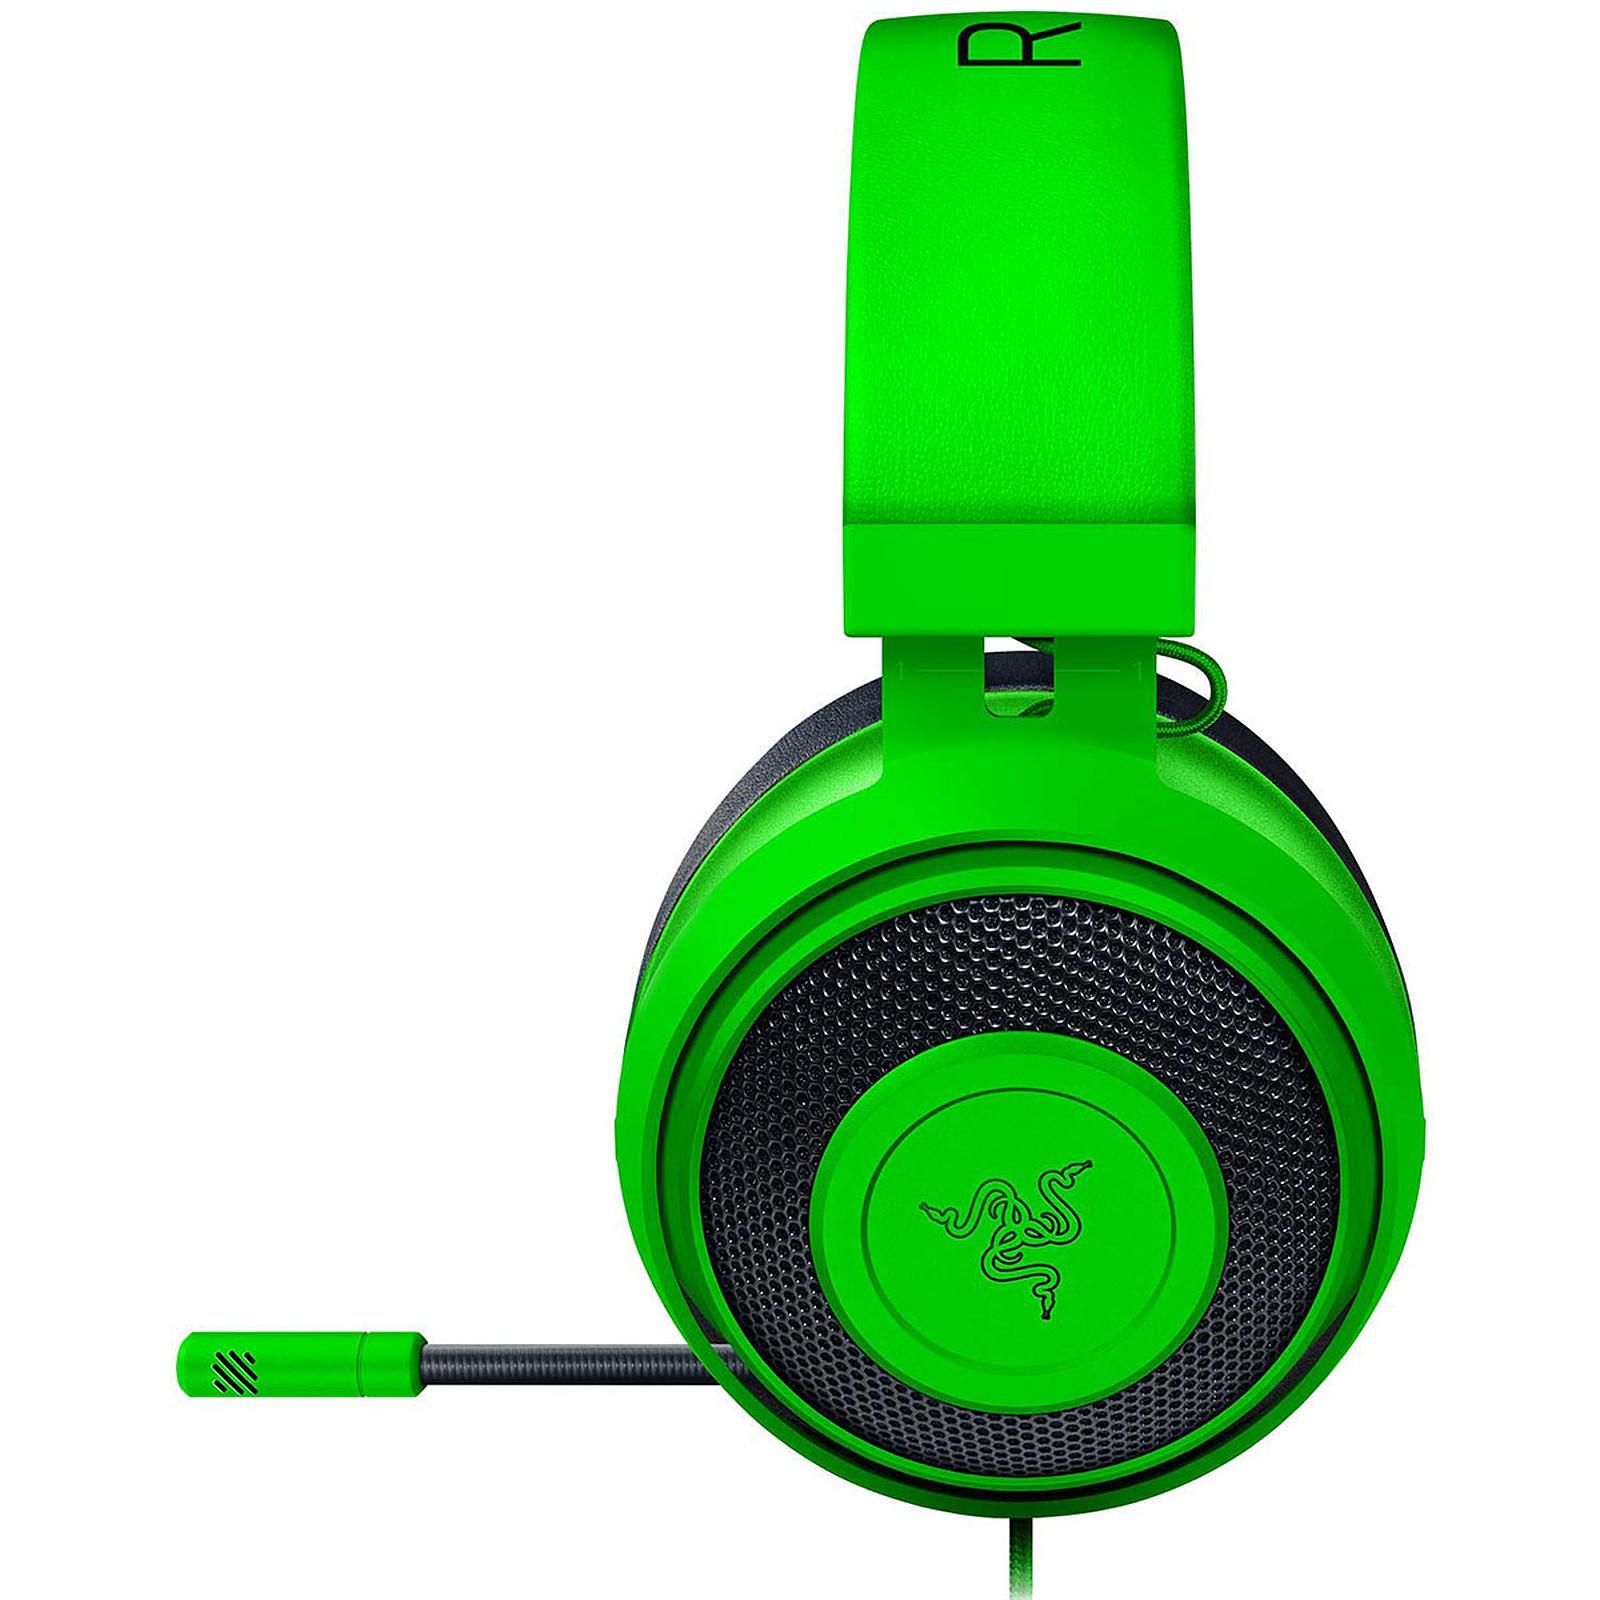 c1c49503012 Razer Kraken 2019 (vert) - Micro-casque Razer sur LDLC.com